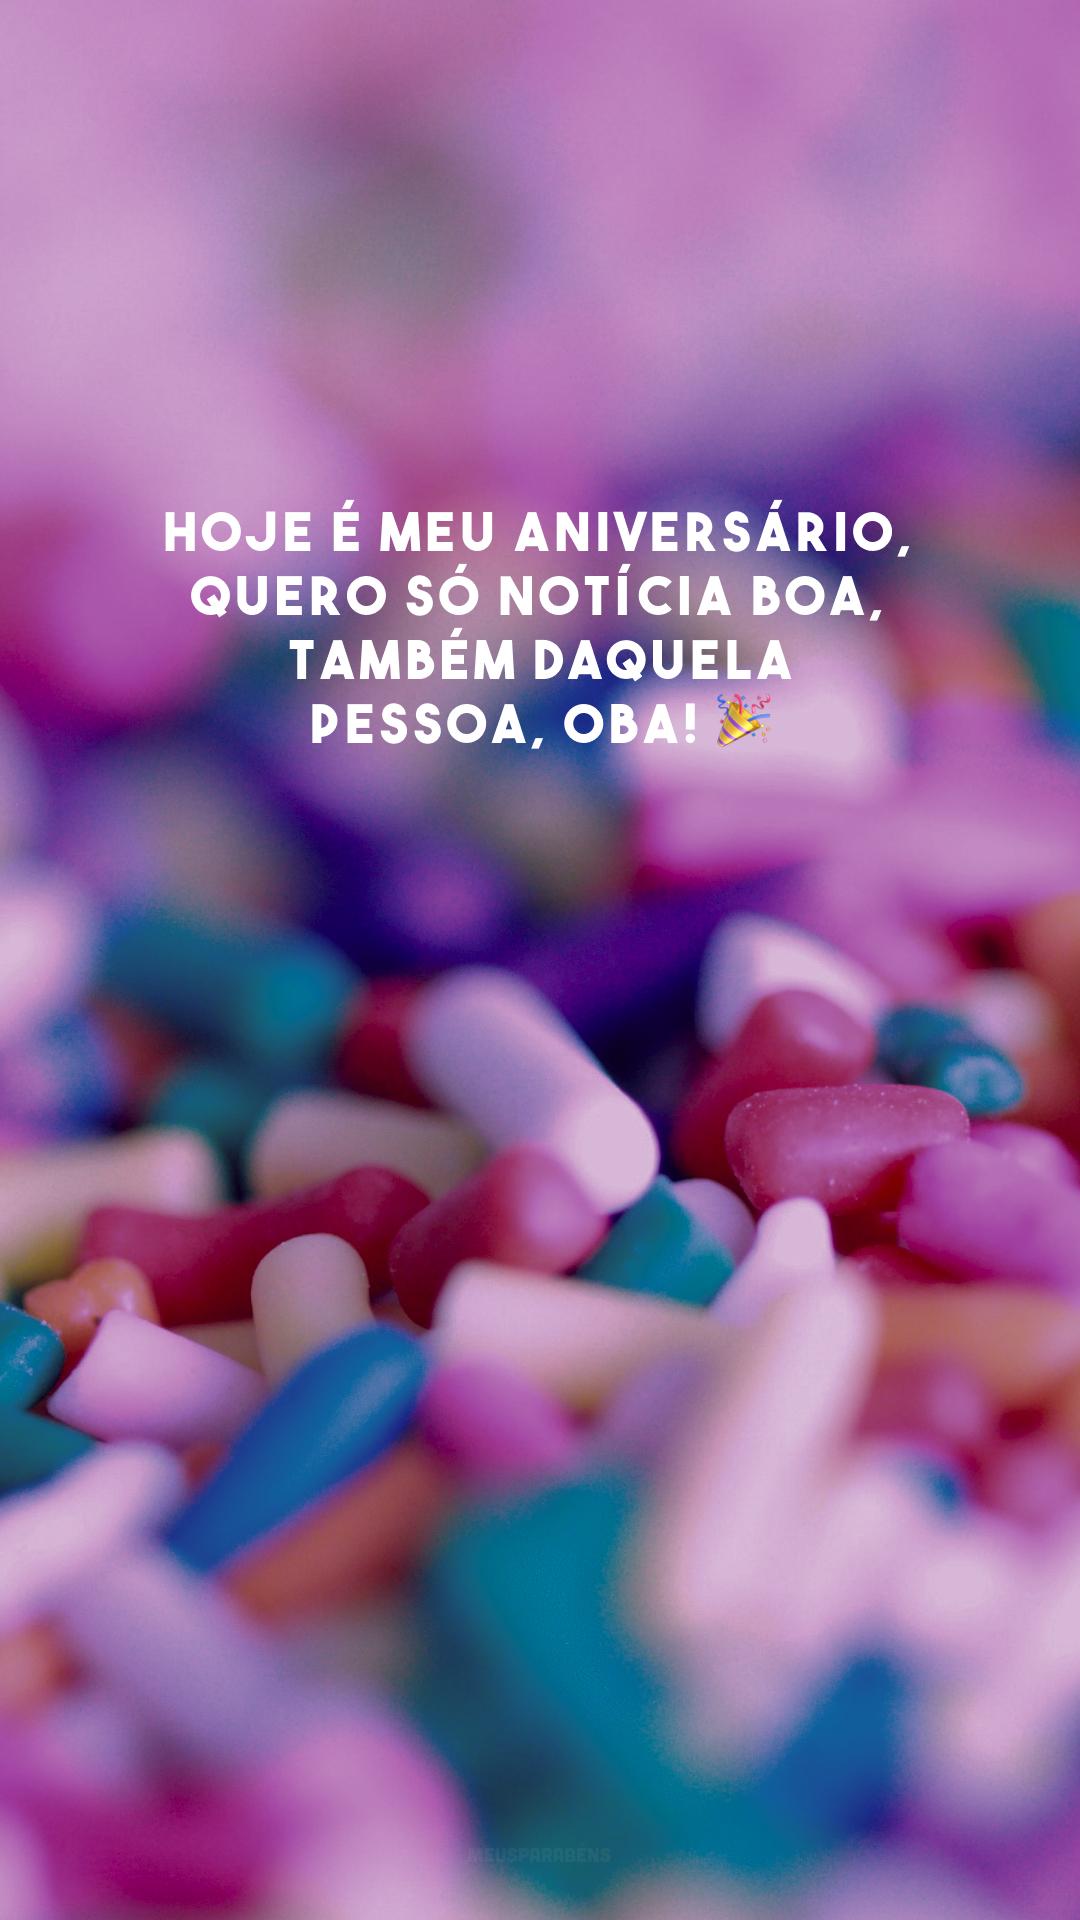 Hoje é meu aniversário, quero só notícia boa, também daquela pessoa, oba! 🎉